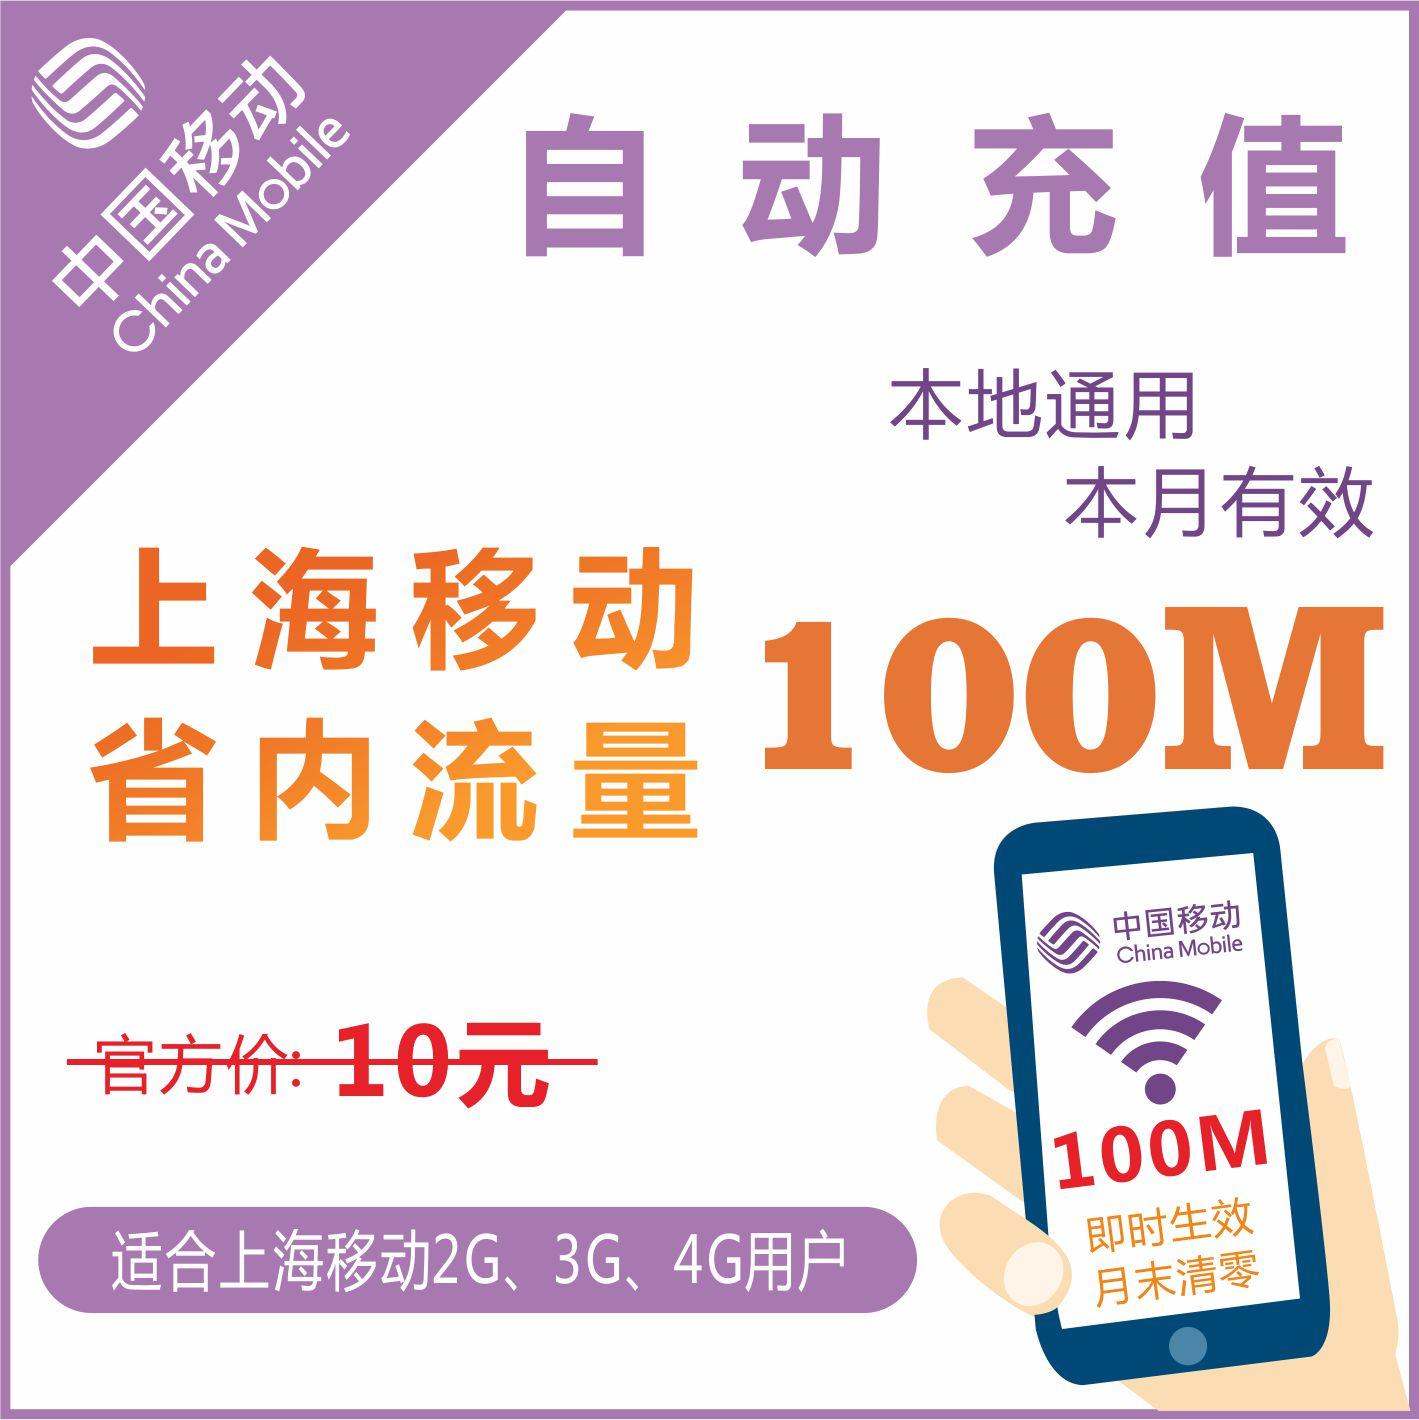 上海移動省內100M 手機衝流量充值上網疊加油卡包當月有效